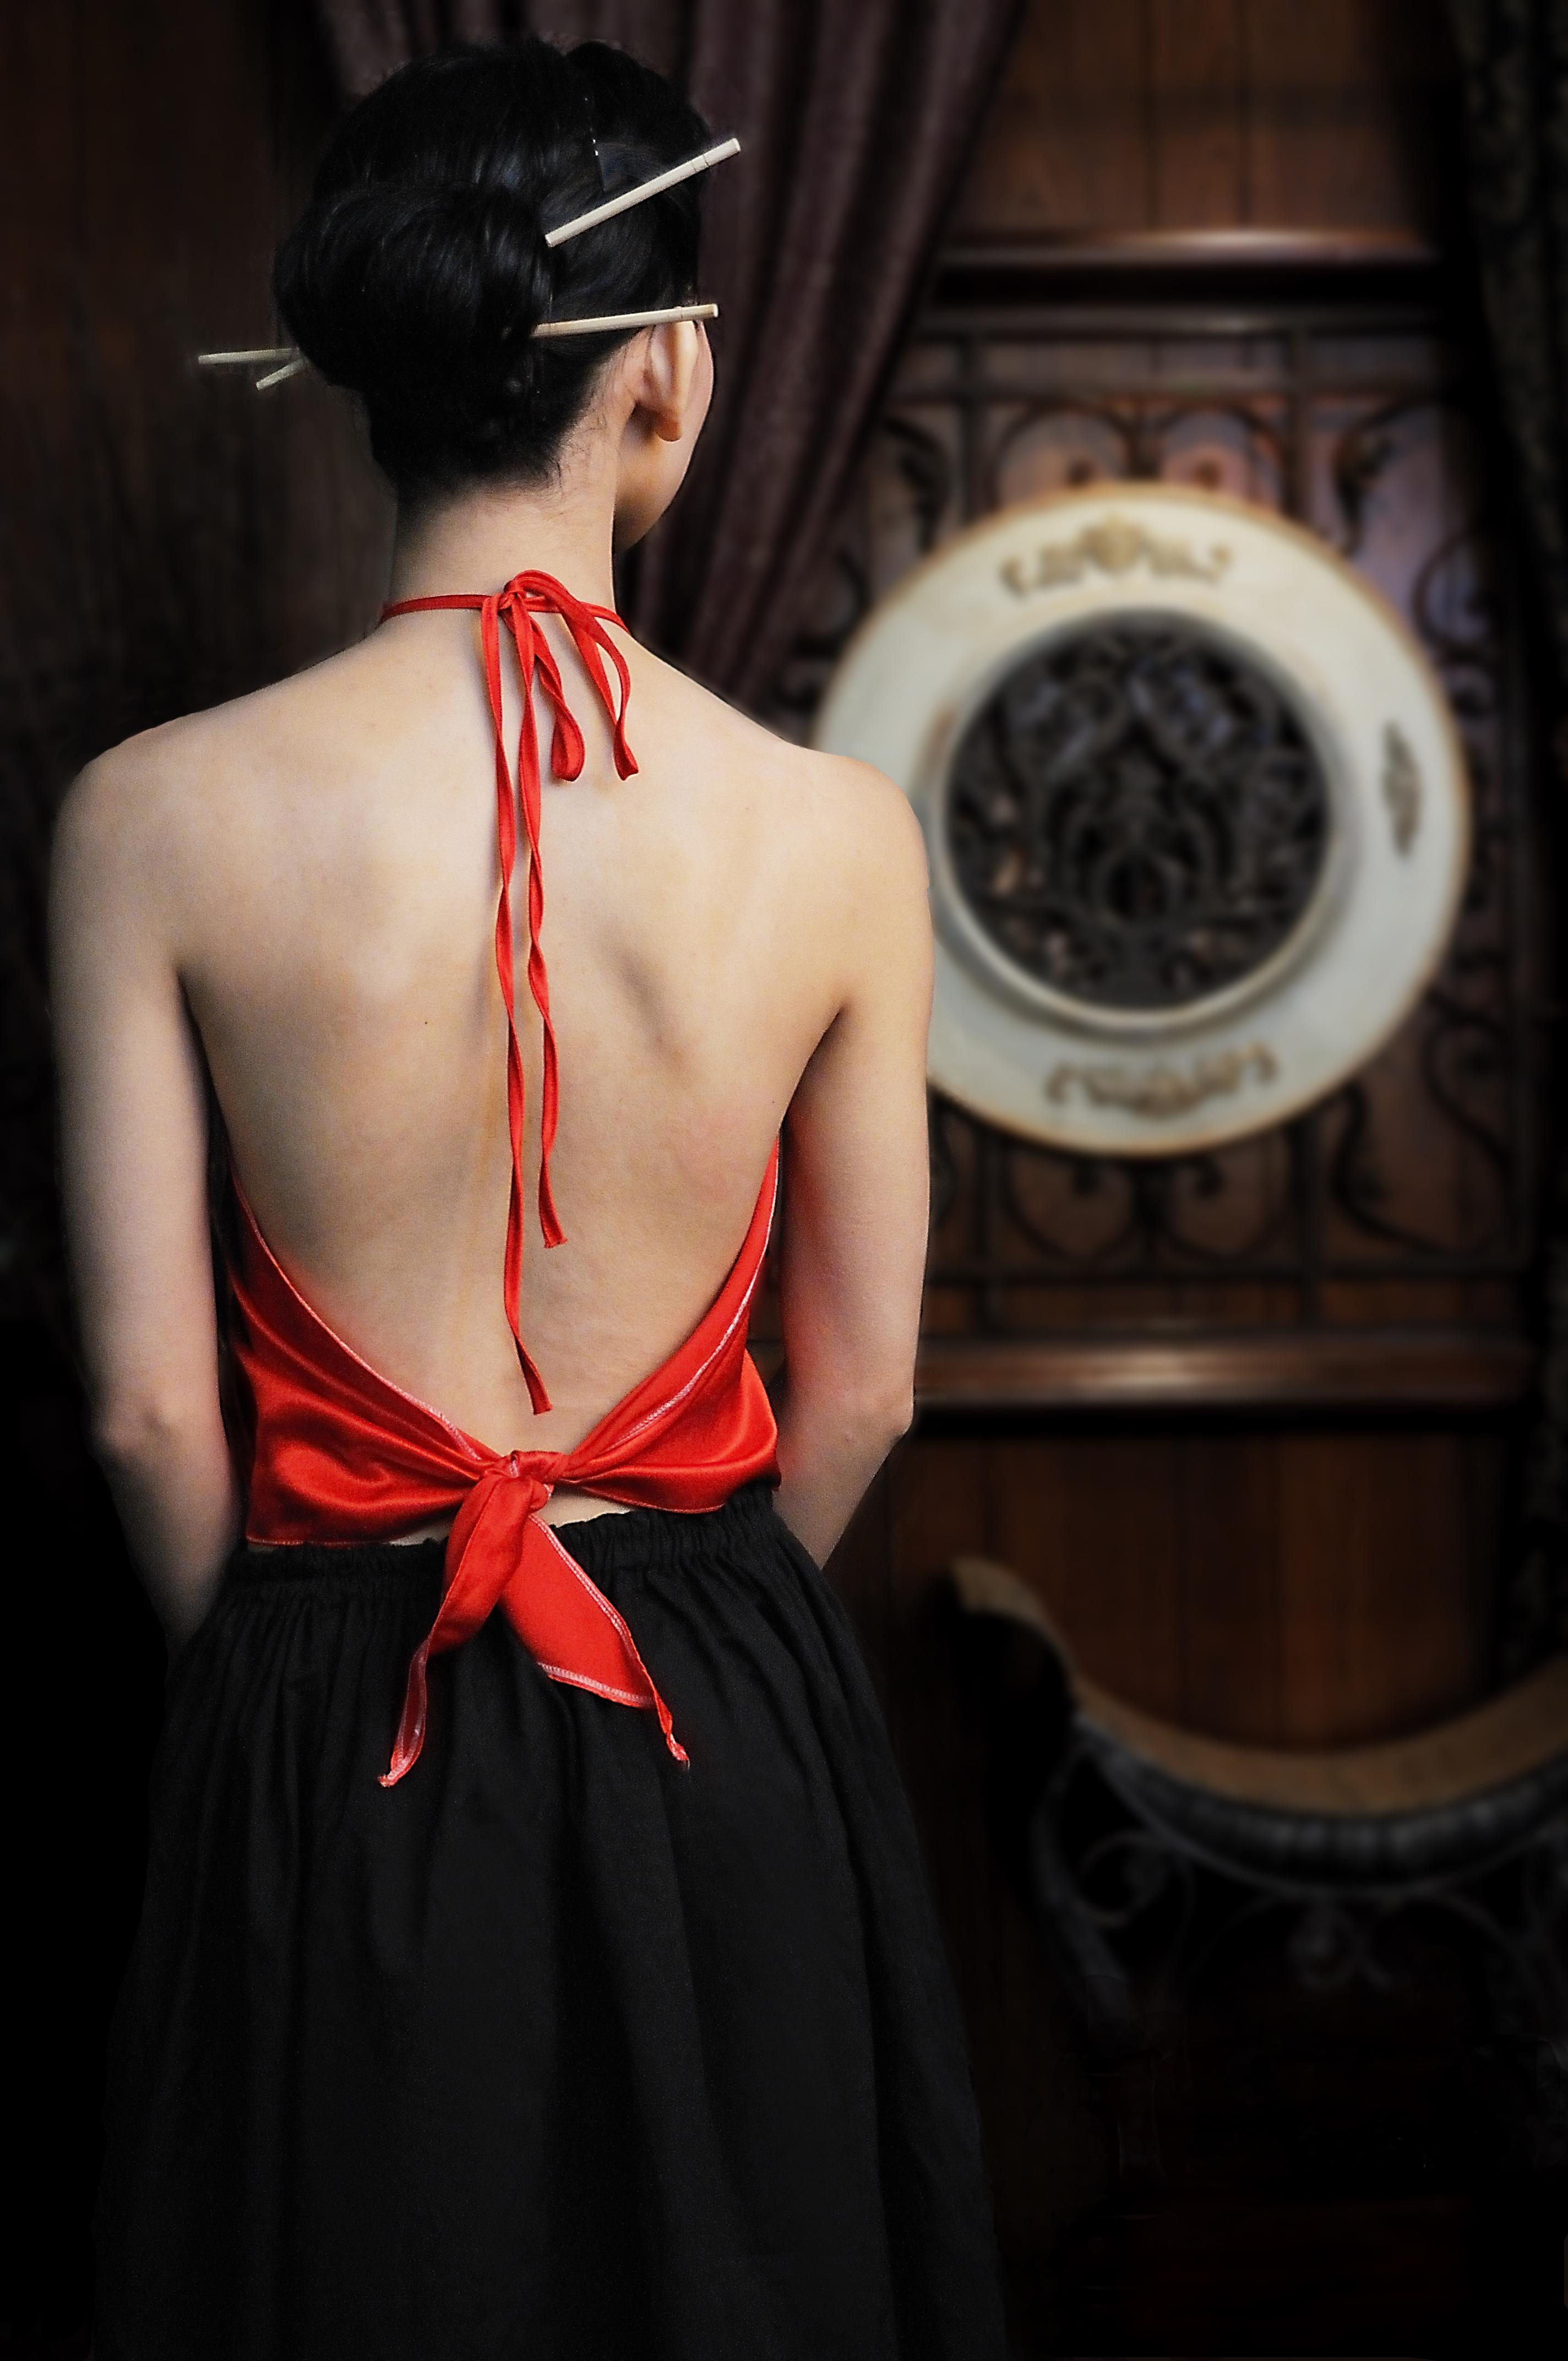 Cách làm đẹp của phụ nữ xưa và nay khi sử dụng lụa làm điểm nhấn.